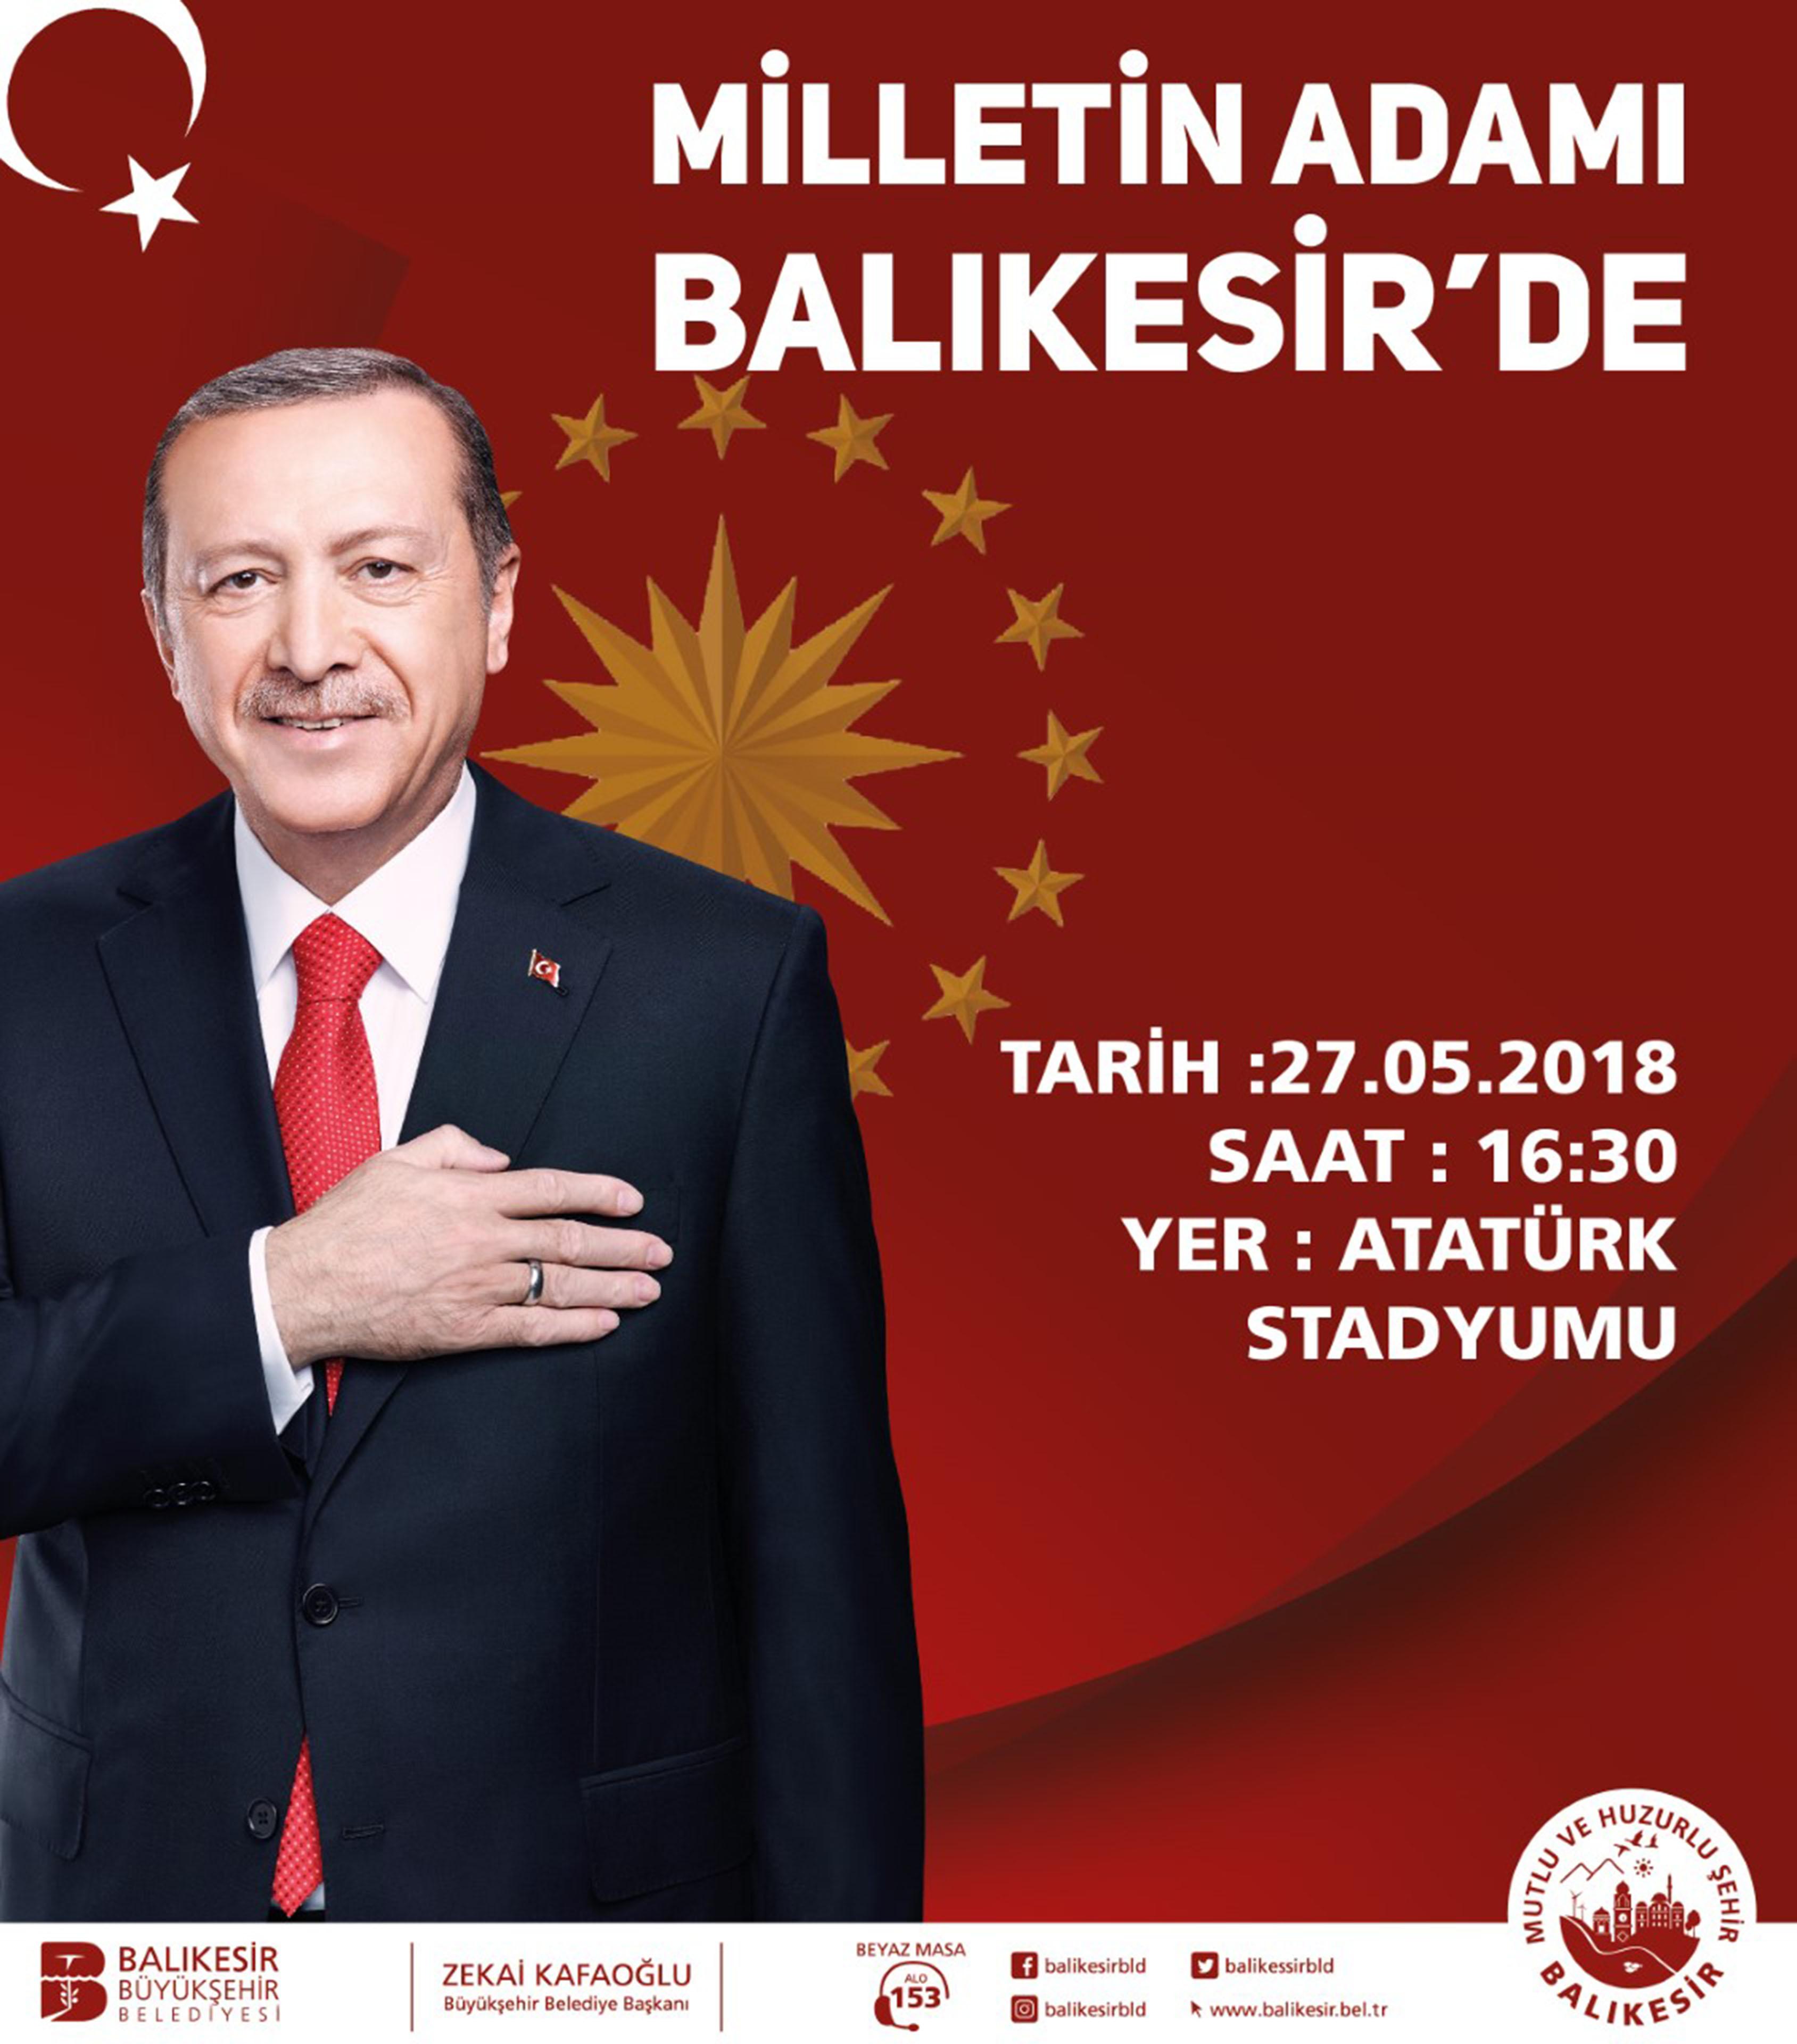 Balıkesir Büyükşehir Belediye Başkanlığı Milletin Adamı Balıkesir'de